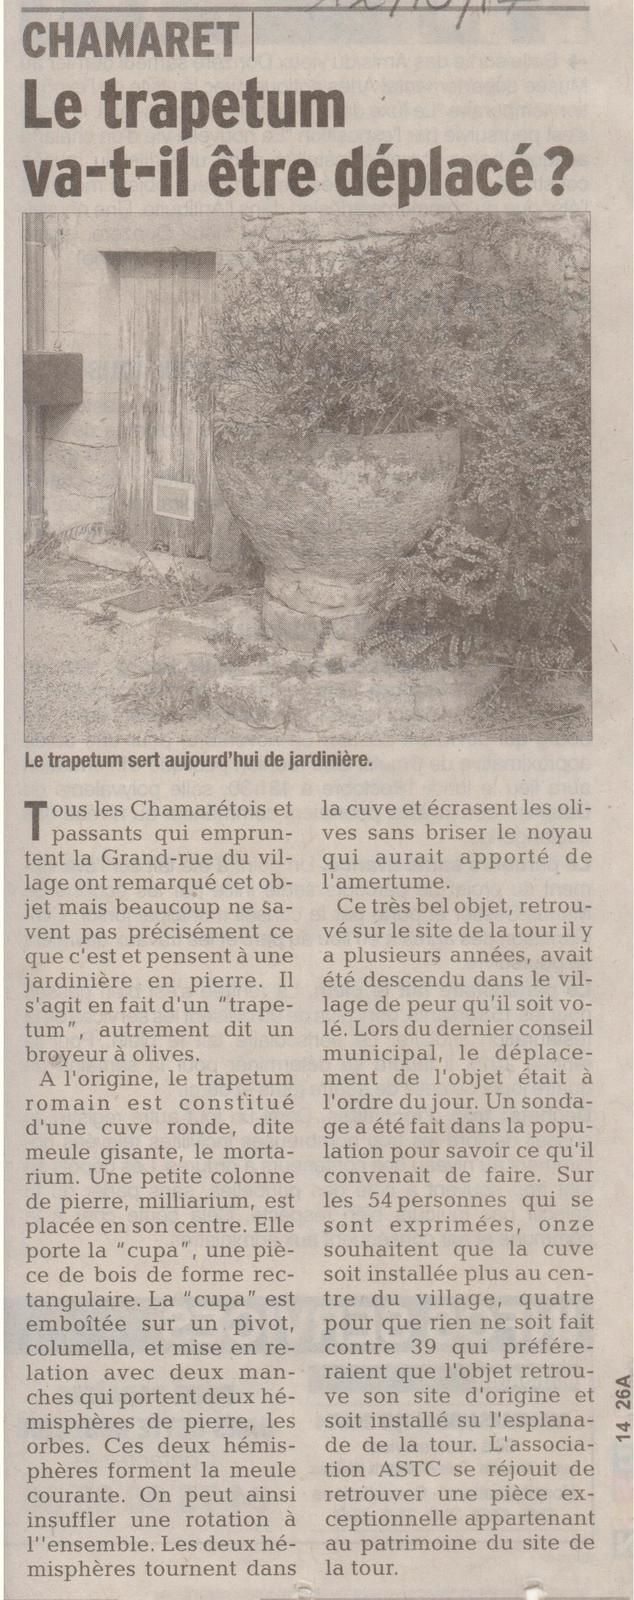 """C'est cet article du Dauphiné Libéré du 12/10/2017 qui m'a mis sur la piste du """"Trapetum de Chamaret"""", merci à eux!"""